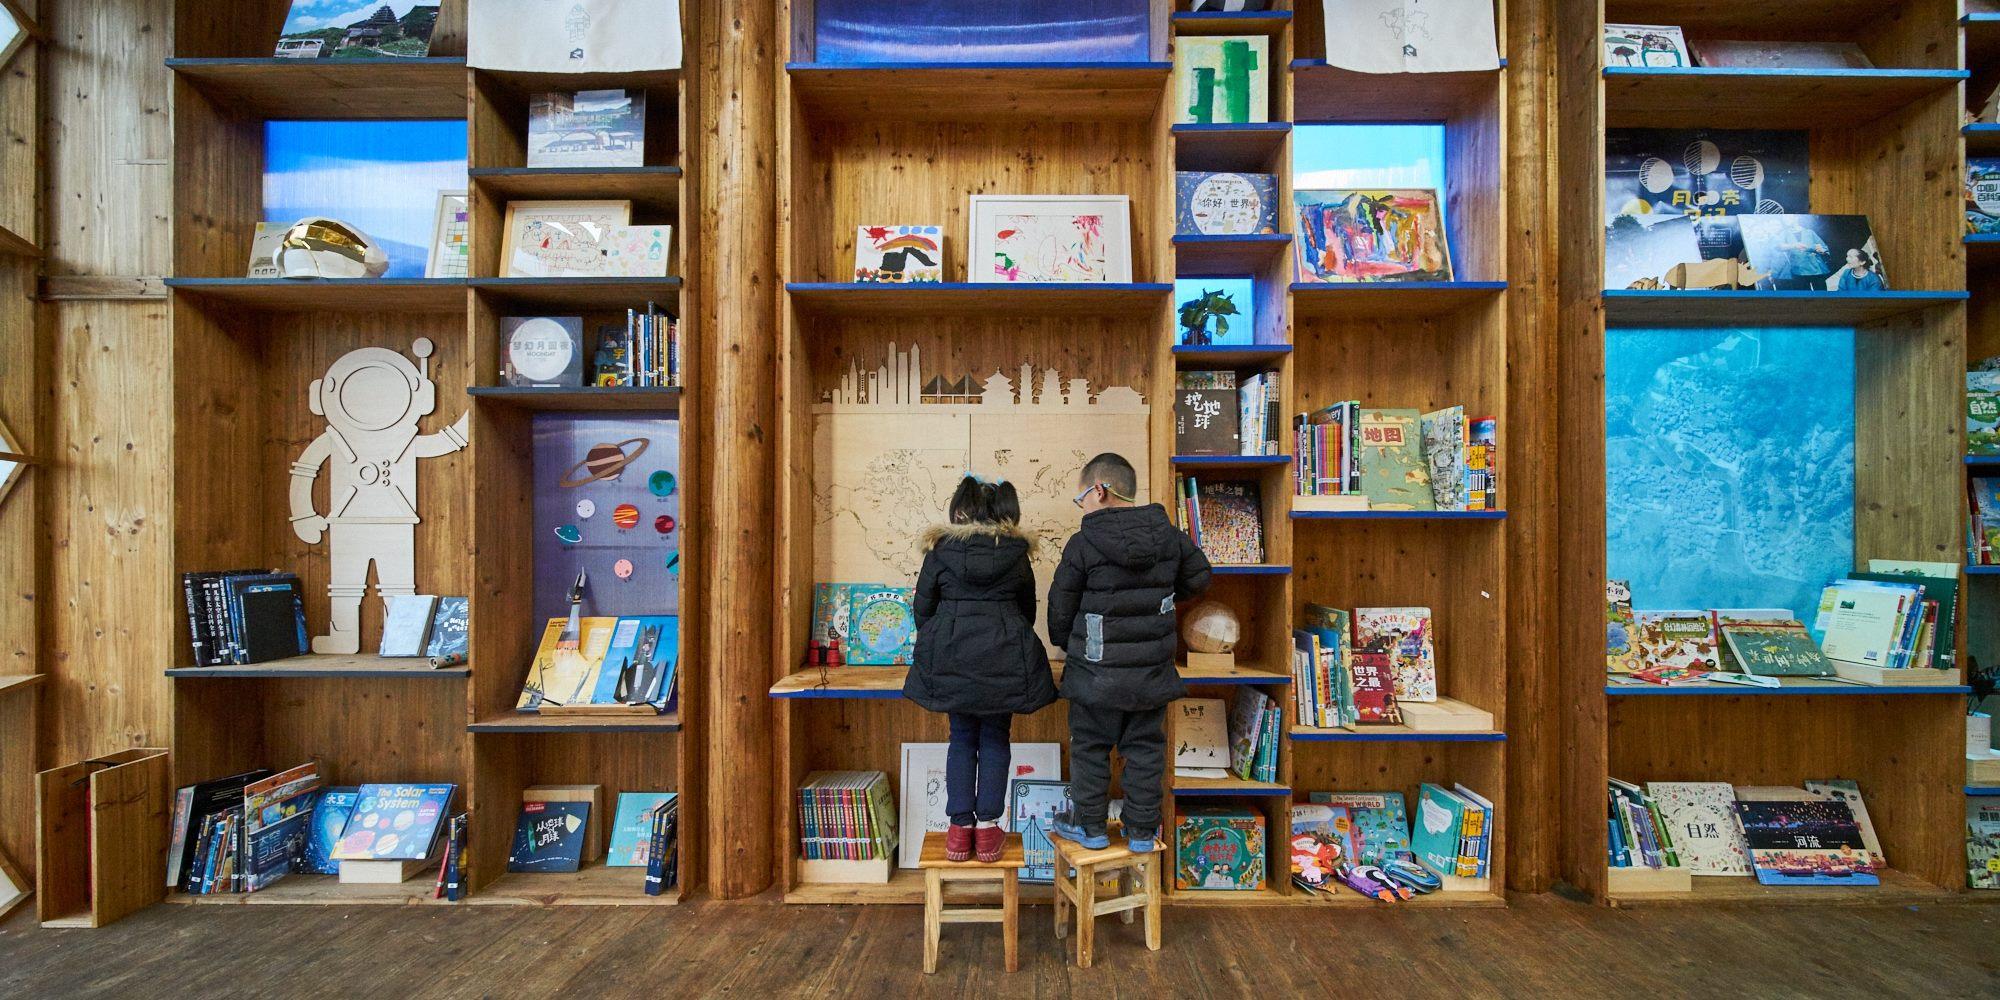 兒童在書架前遊玩。